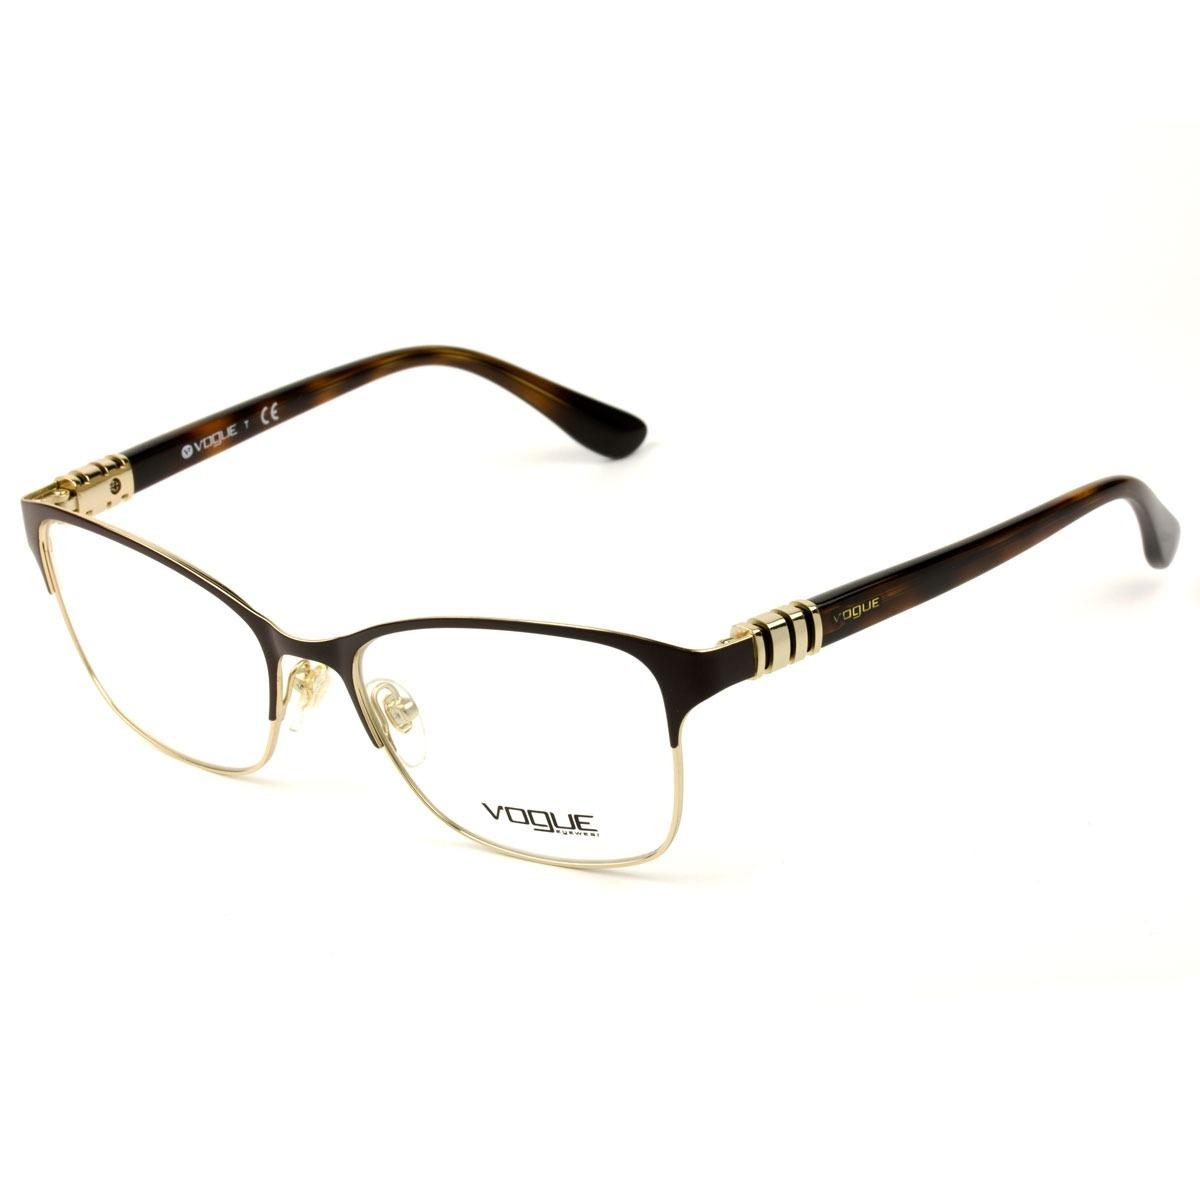 759a6eba7c5af armação para óculos de grau vo4050 997 marrom vogue. Carregando zoom.